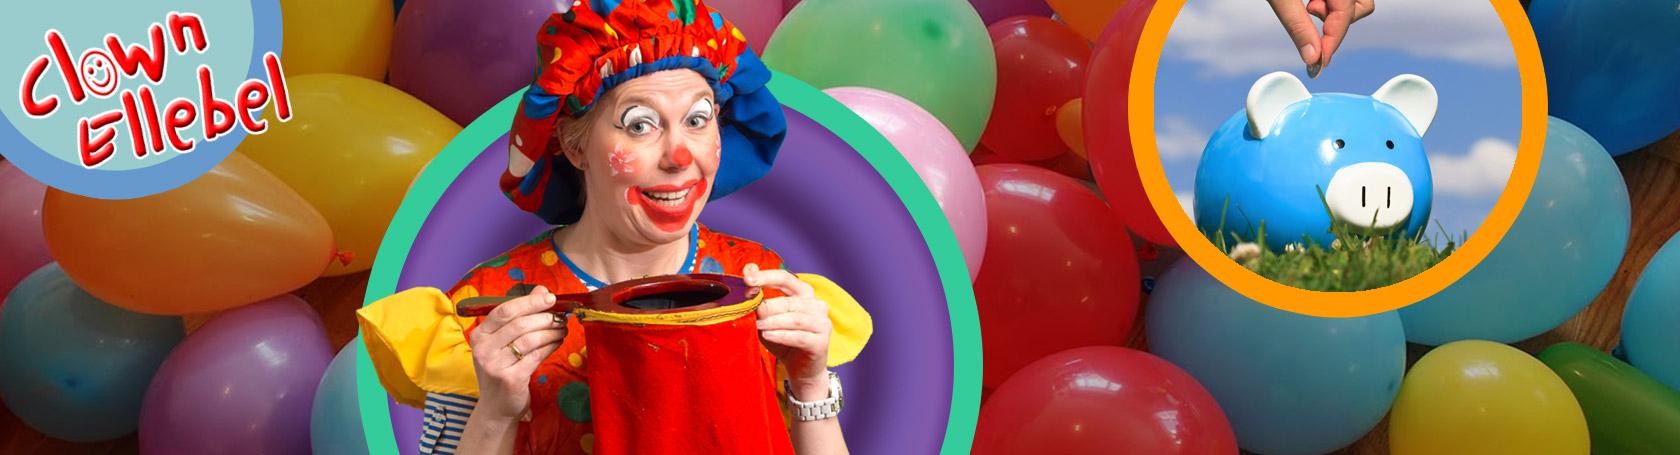 prijs clown ellebel huren